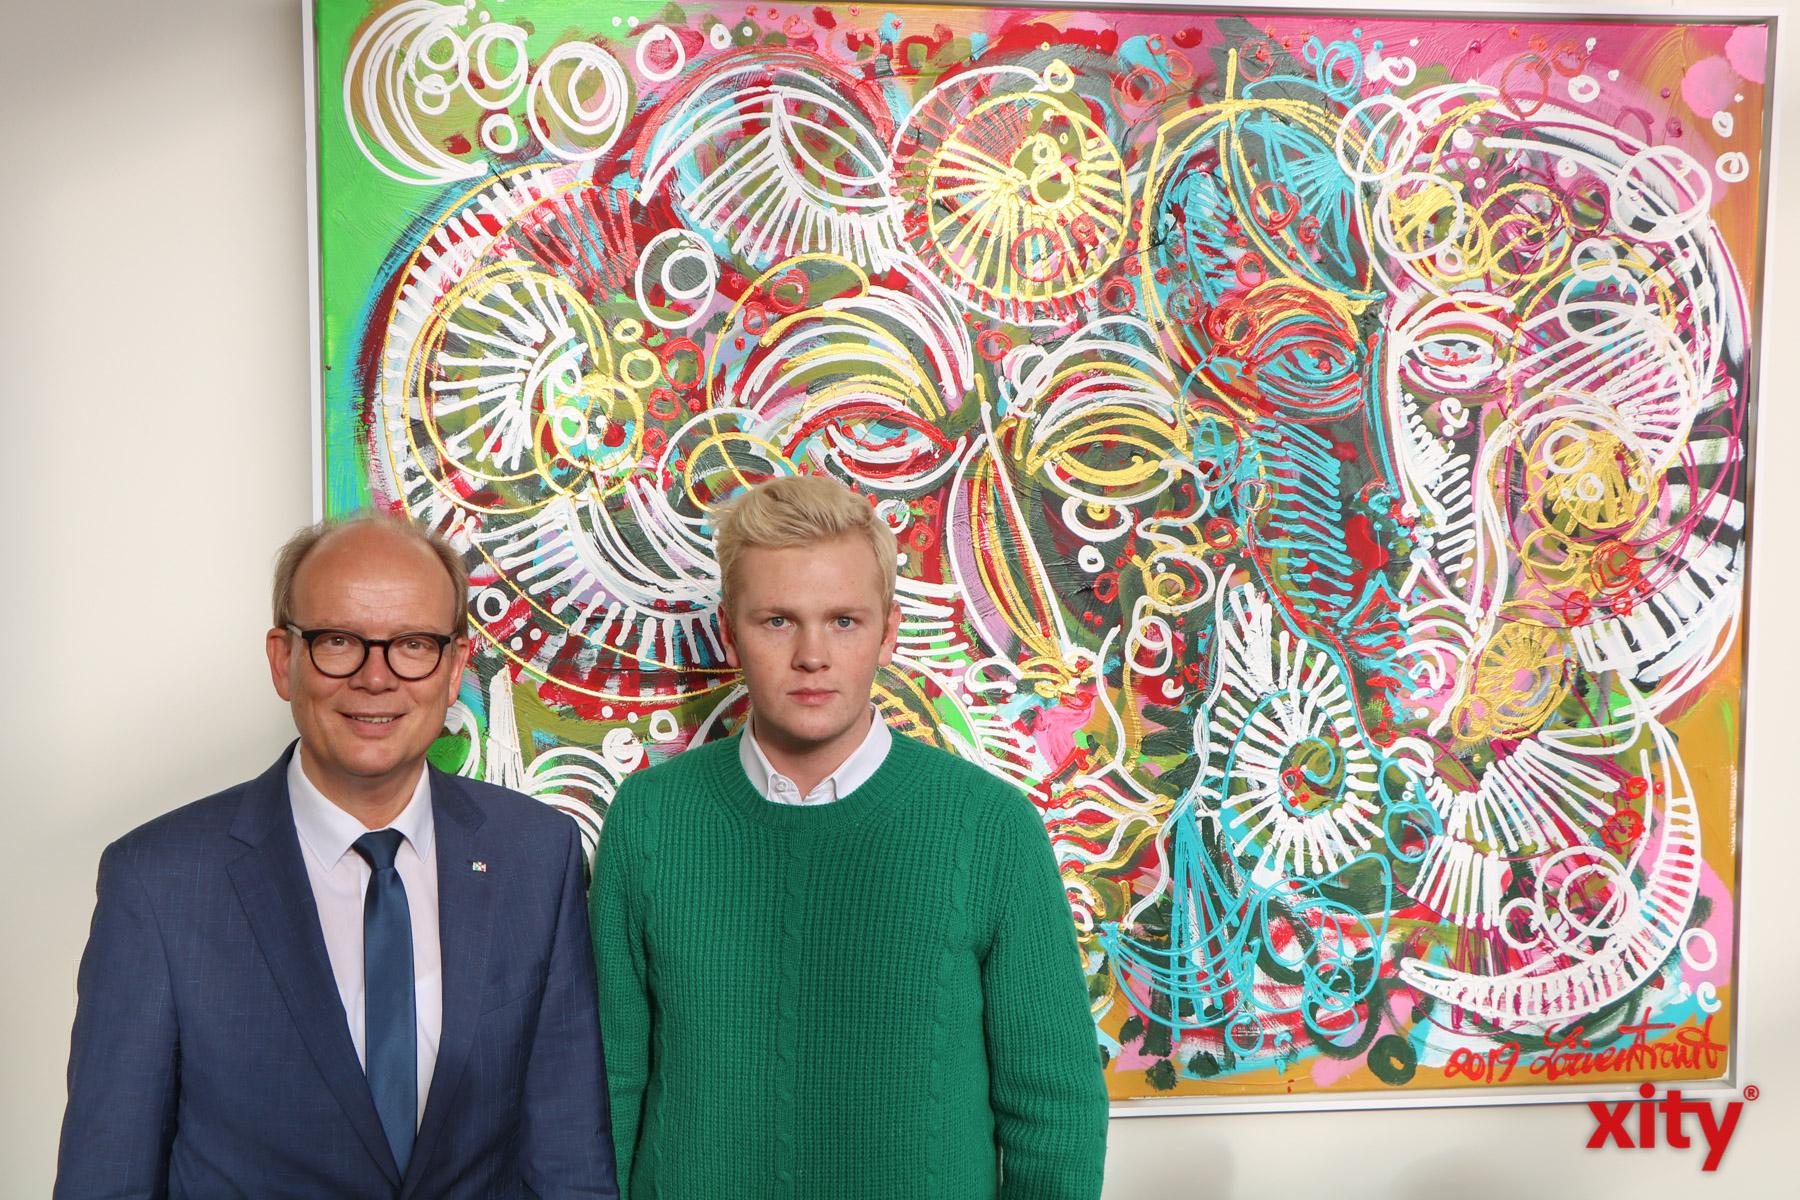 Landtagspräsident André Kuper und der Künstler Leon (Foto: xity)